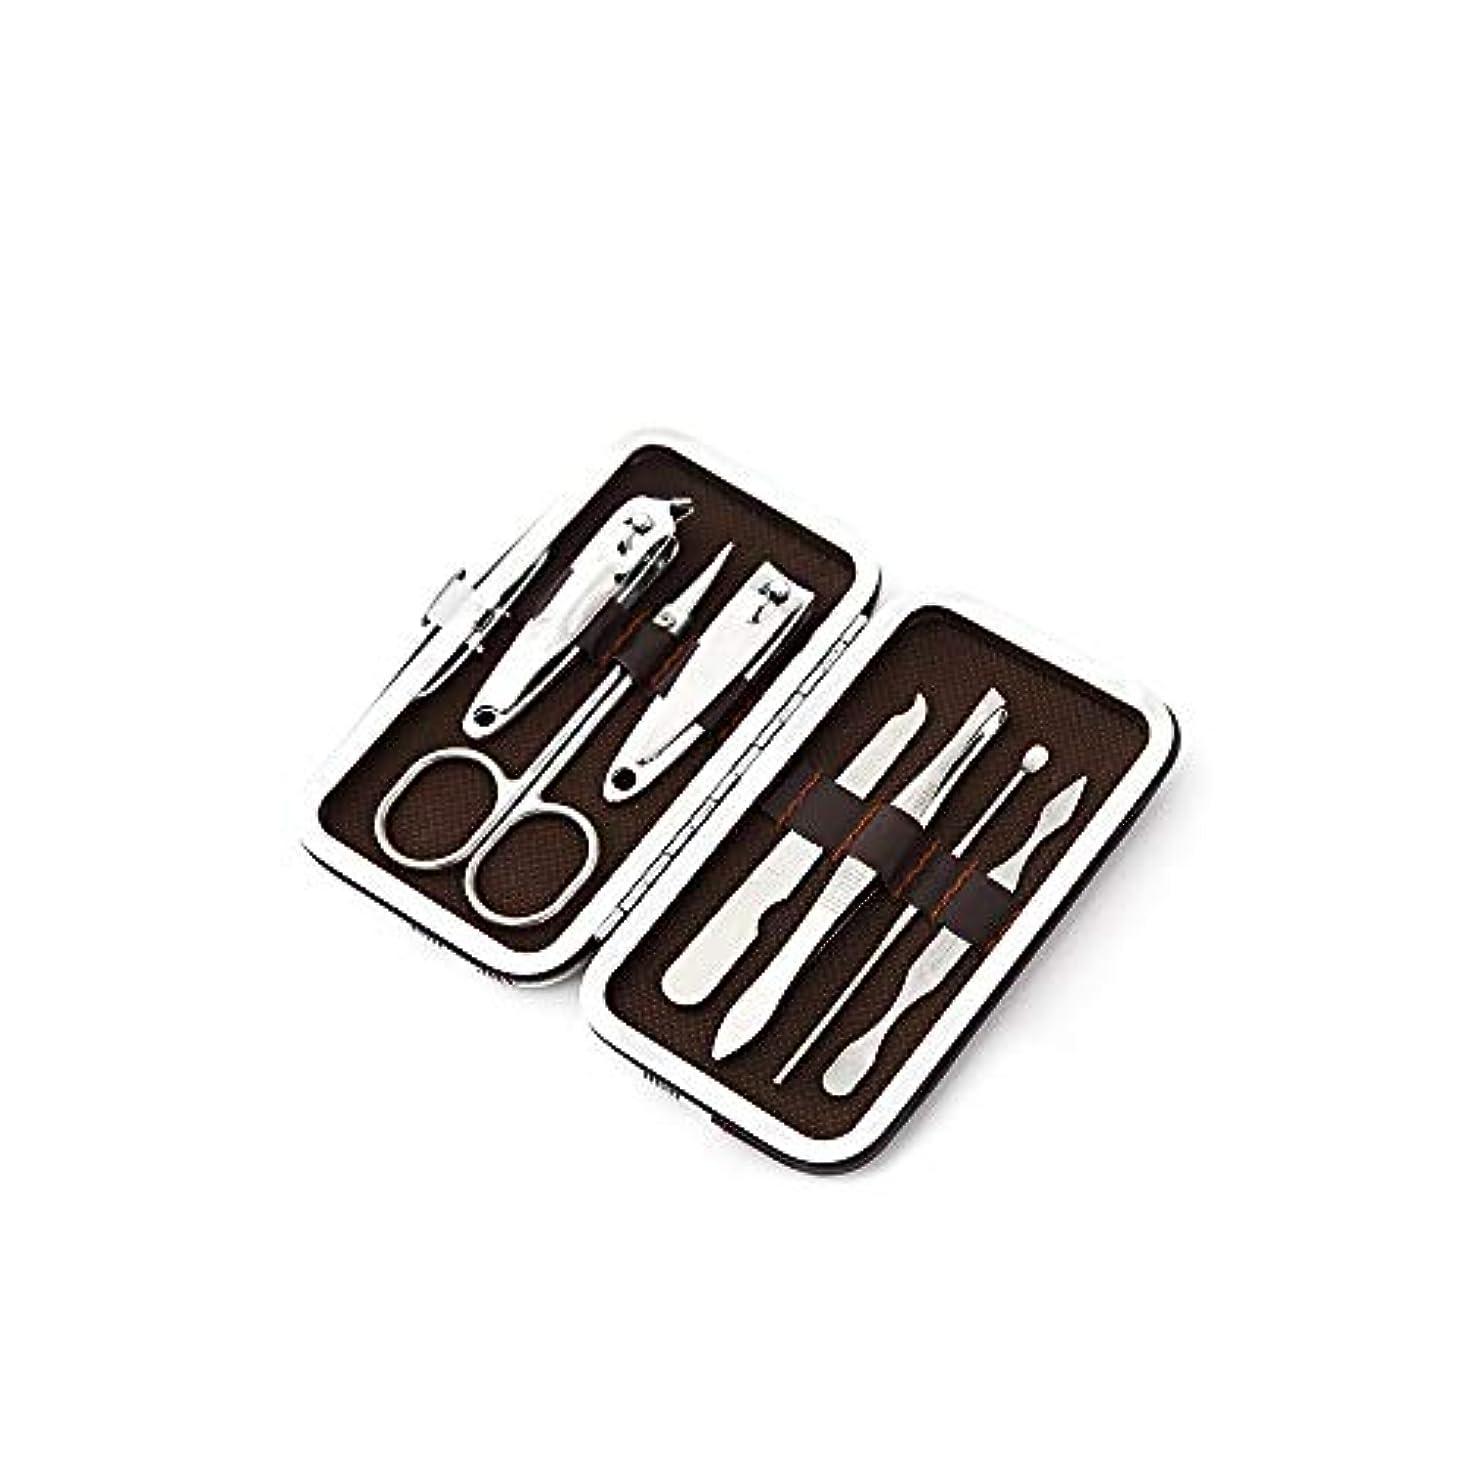 不機嫌師匠修道院爪切りセットステンレス爪切りセット白いグリッドPUレザーケース付き、7点セット